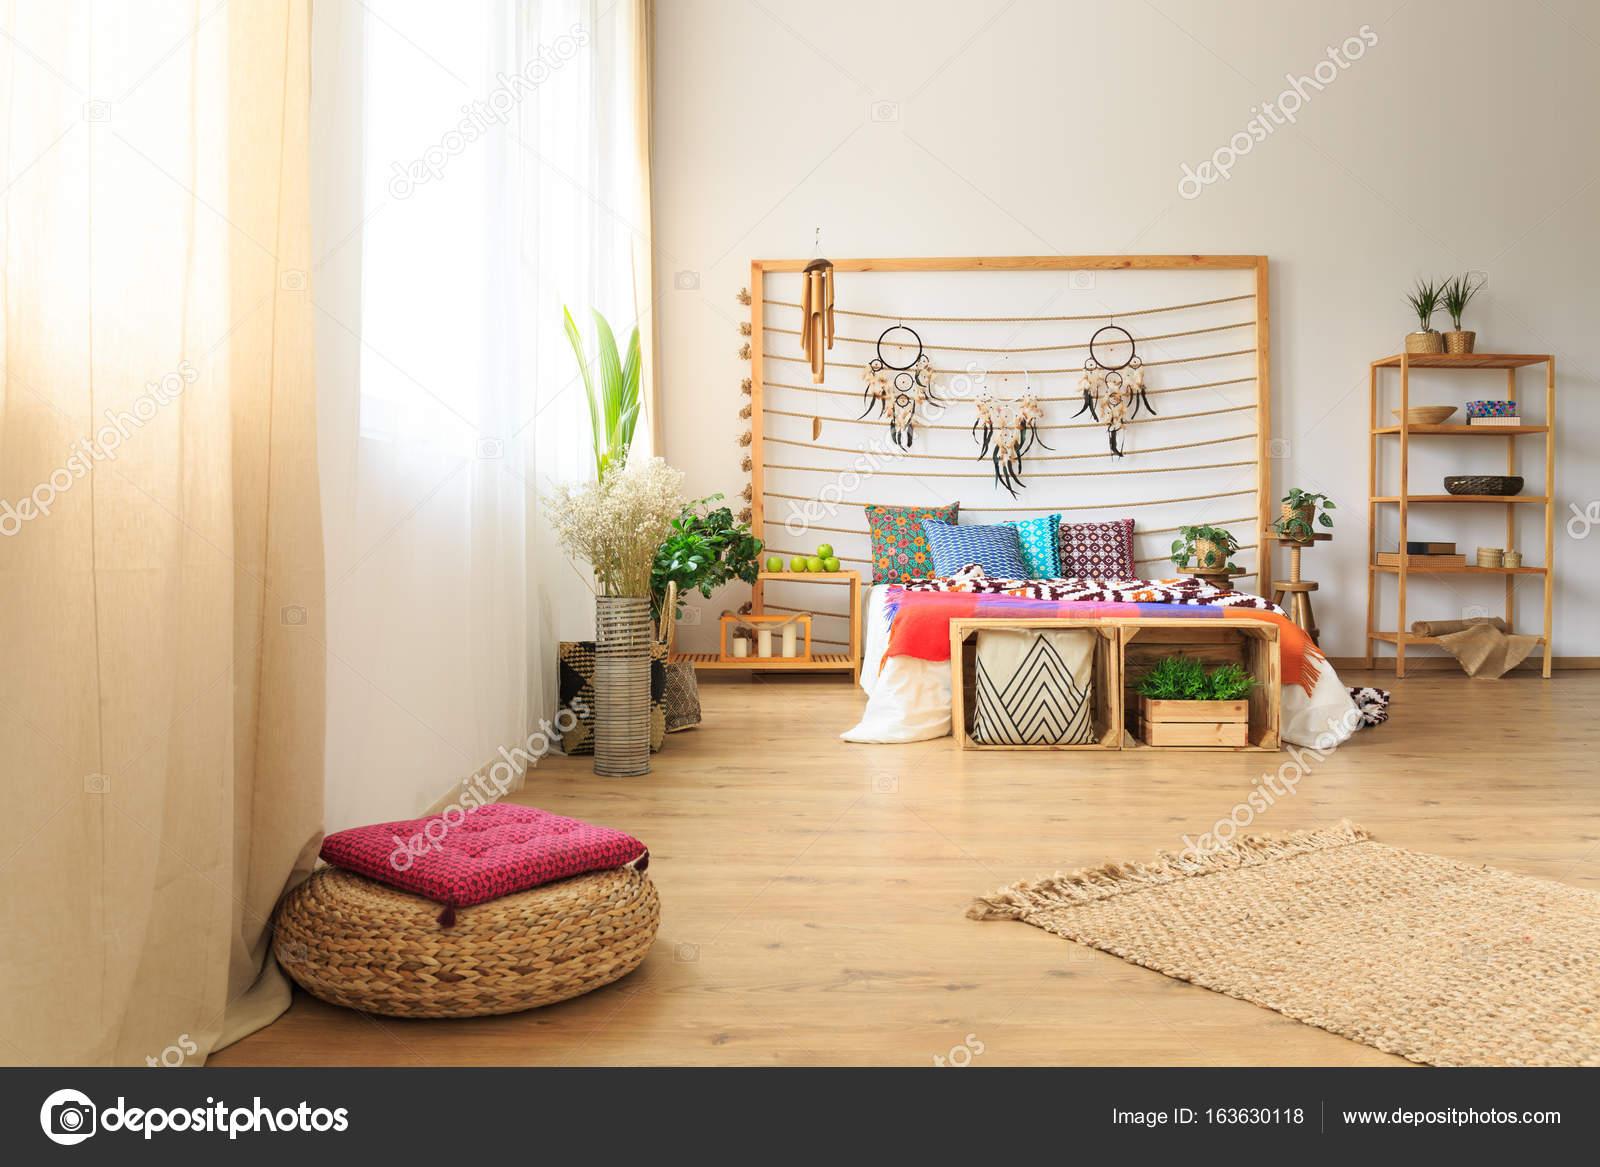 Dormitorio con decoracin tnica cama Fotos de Stock